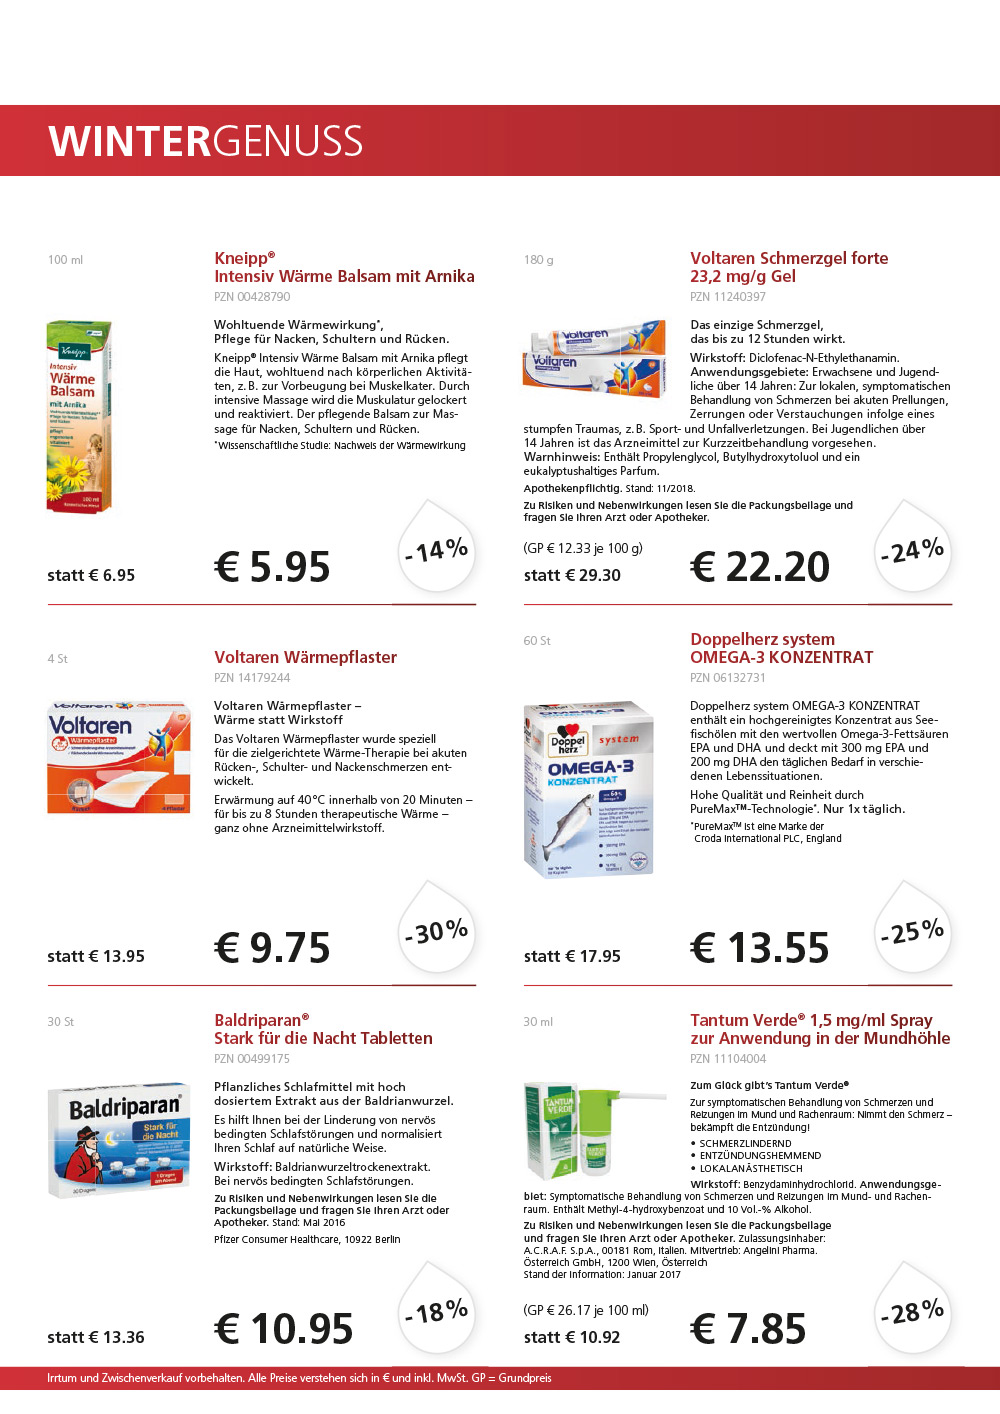 http://www.apotheken.de/fileadmin/clubarea/00000-Angebote/38446_9109_baeren_angebot_2.jpg